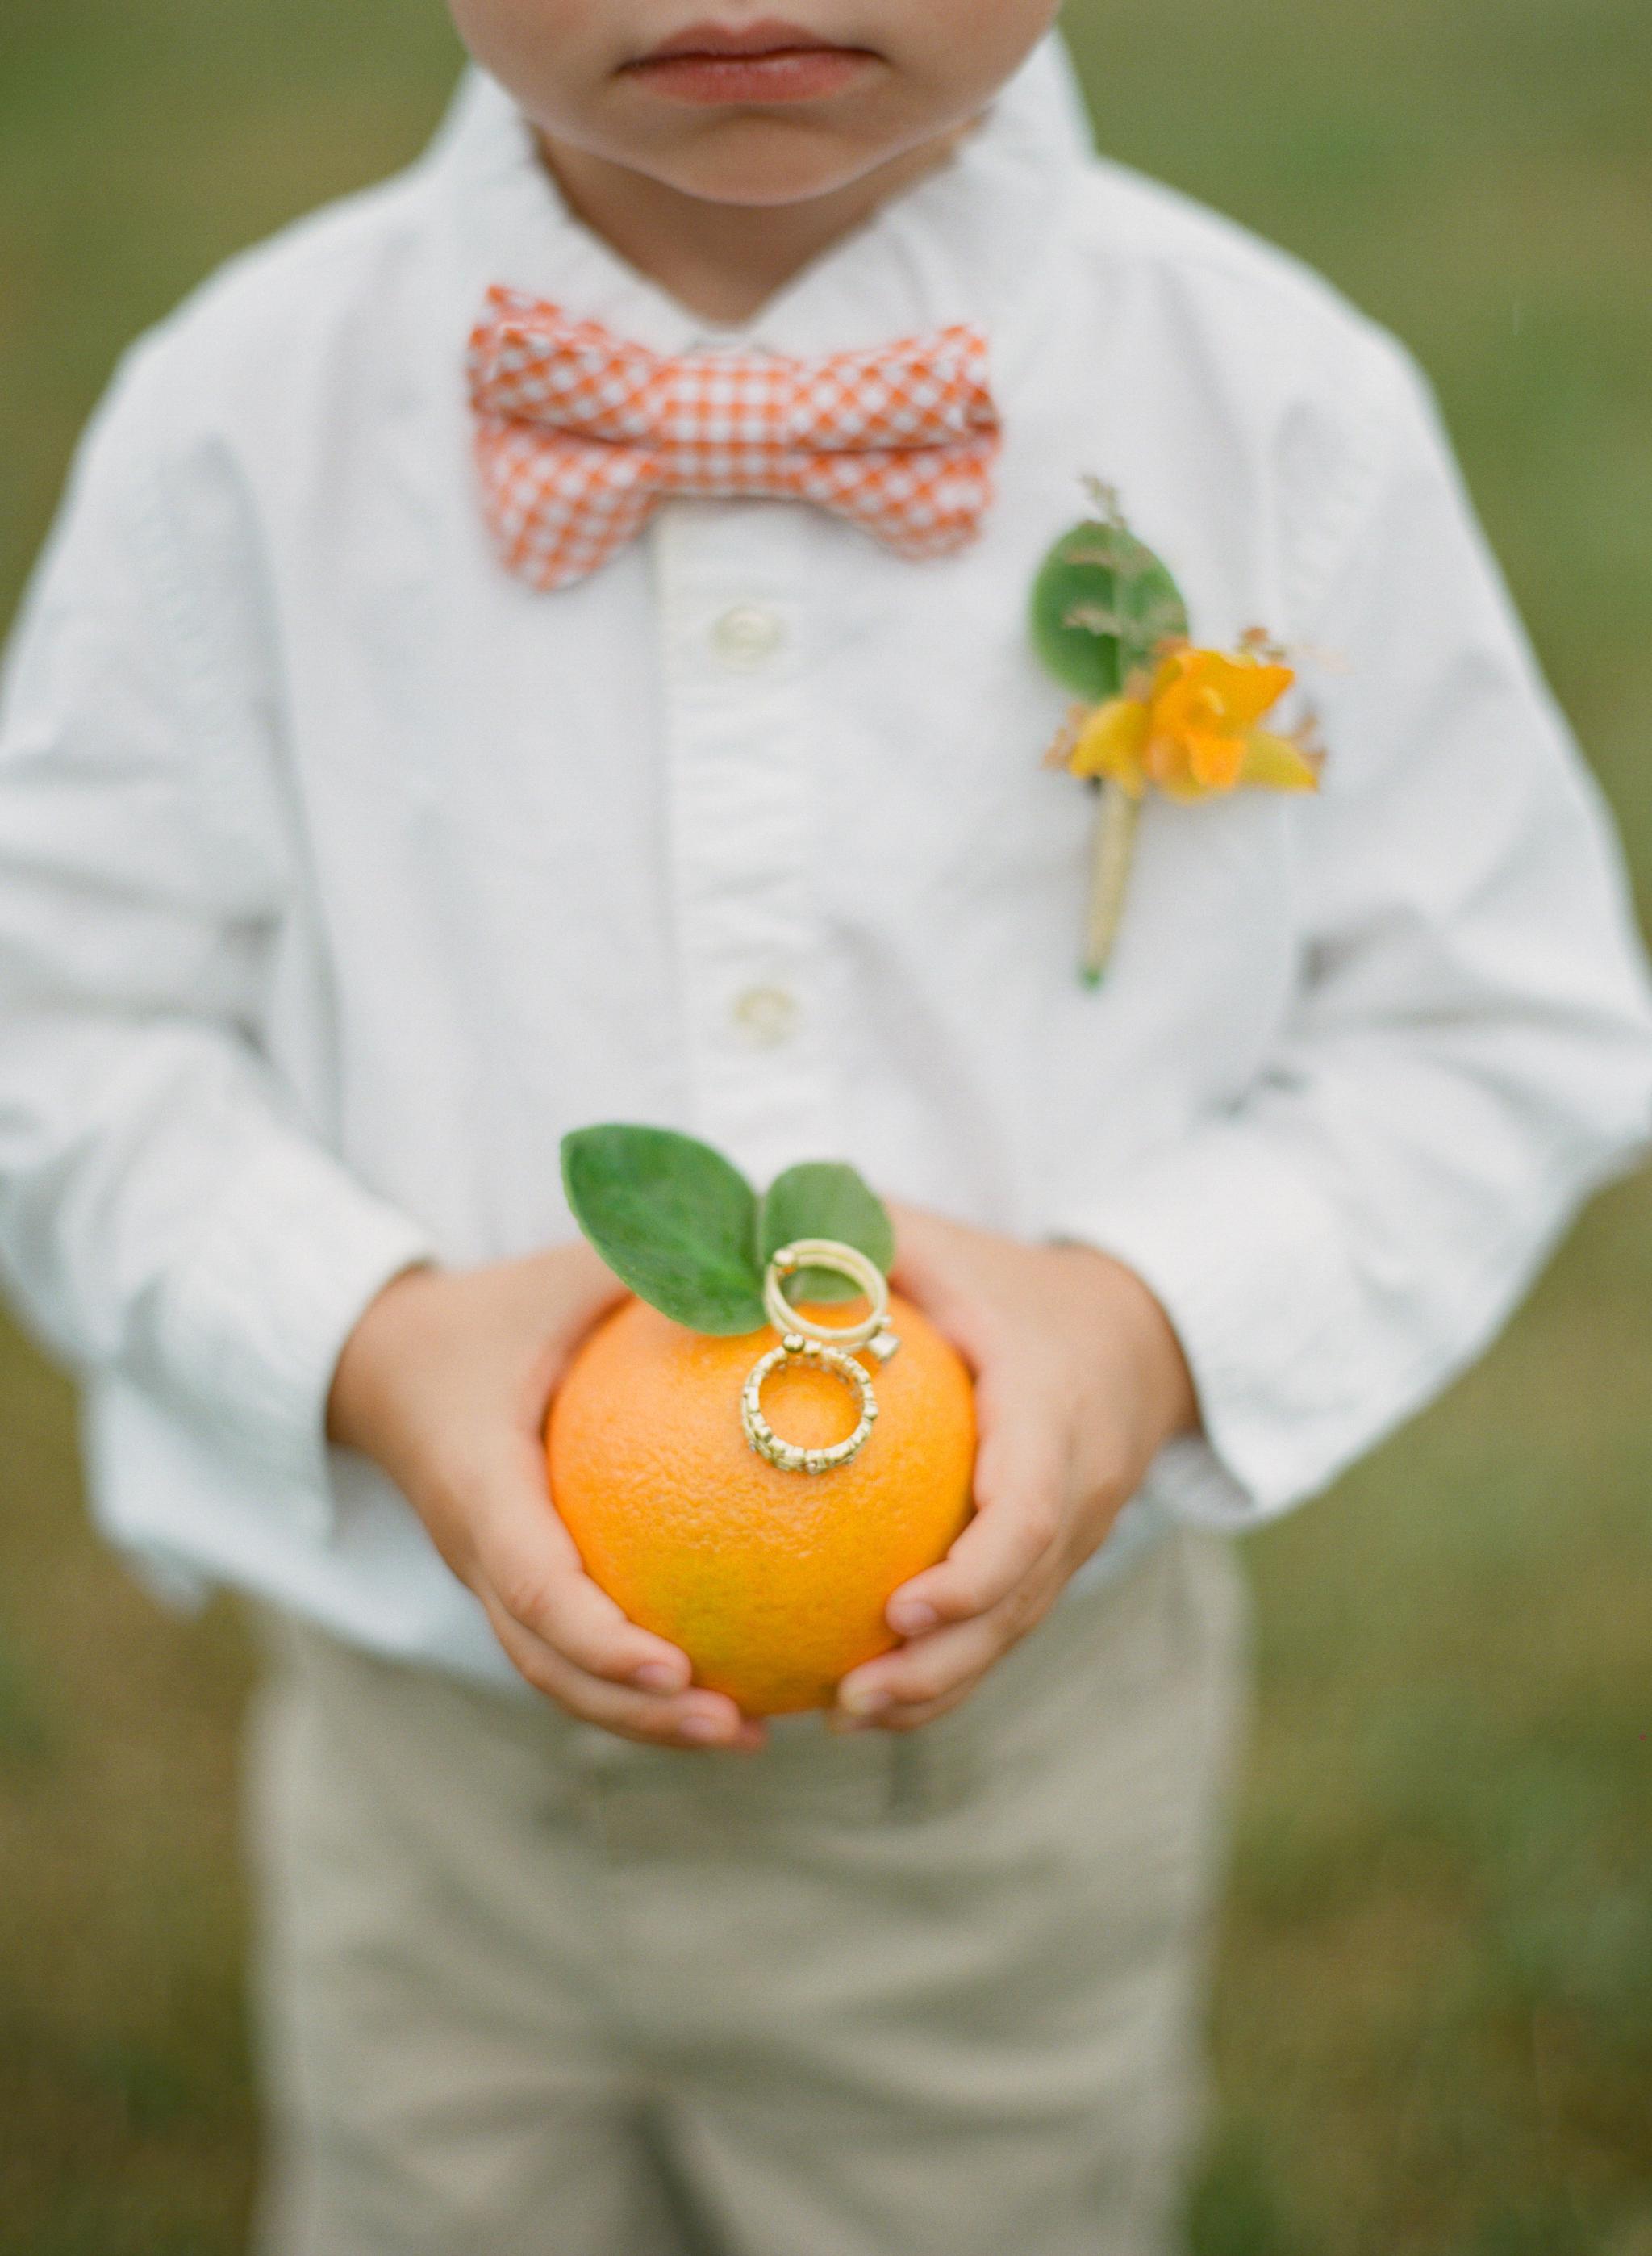 ring bearer holding rings on orange